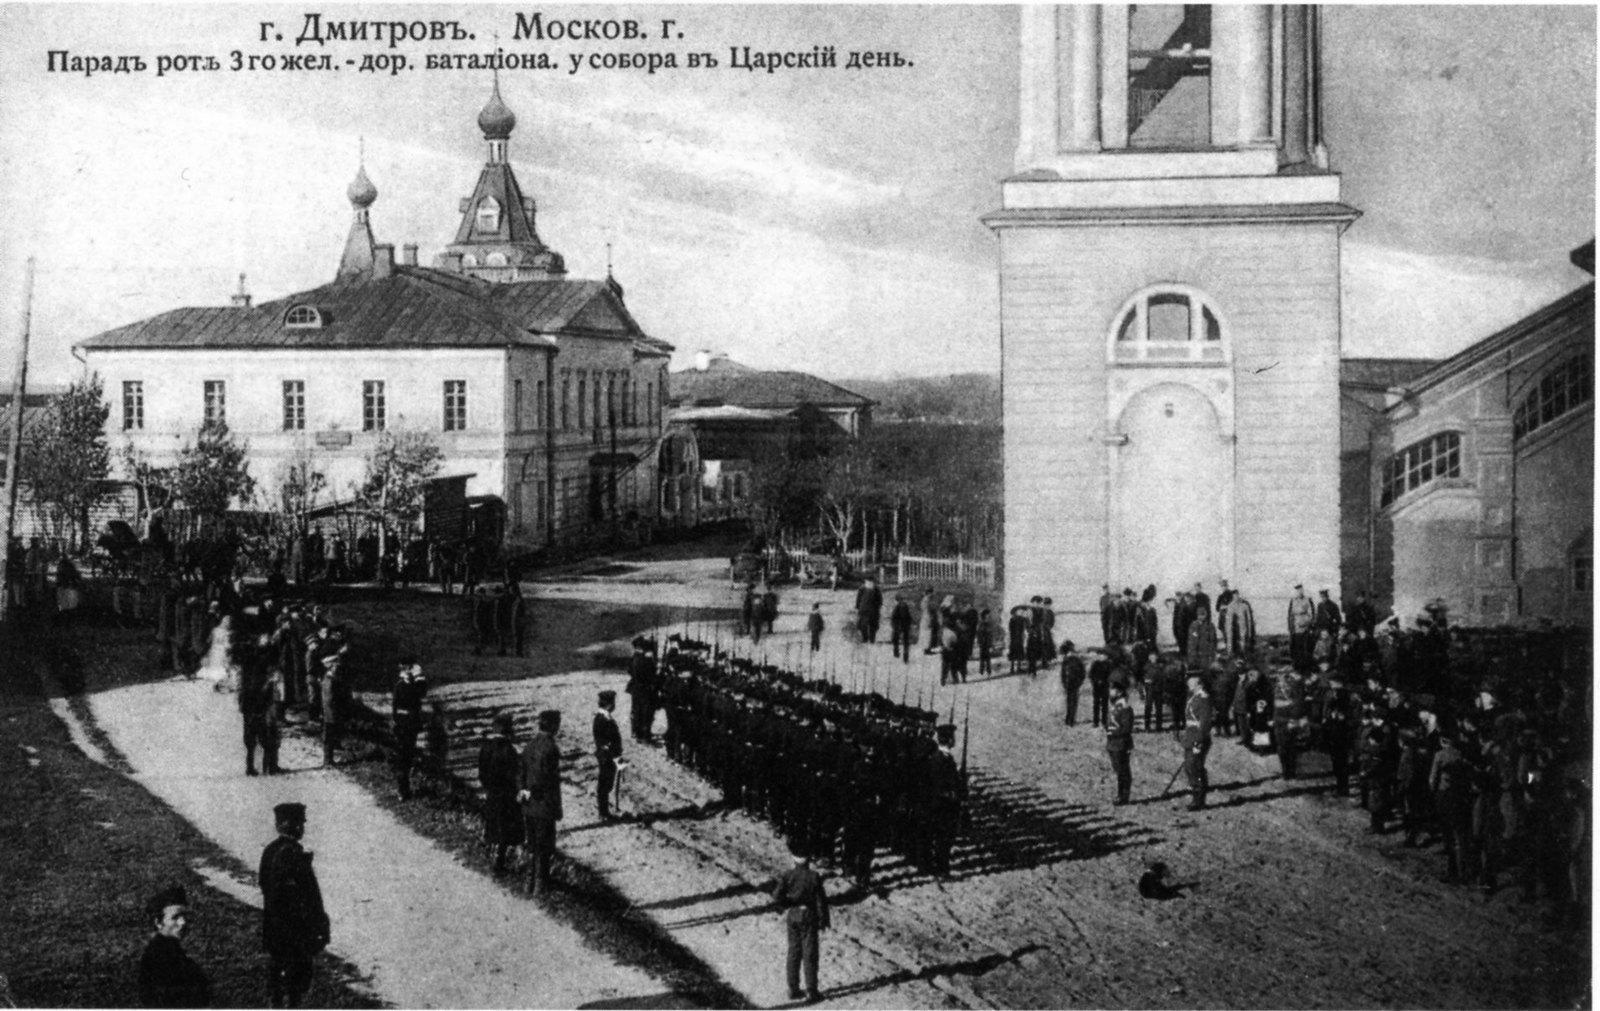 17. Парад роты 3-го железнодорожного батальона у собора в Царский день. 1901